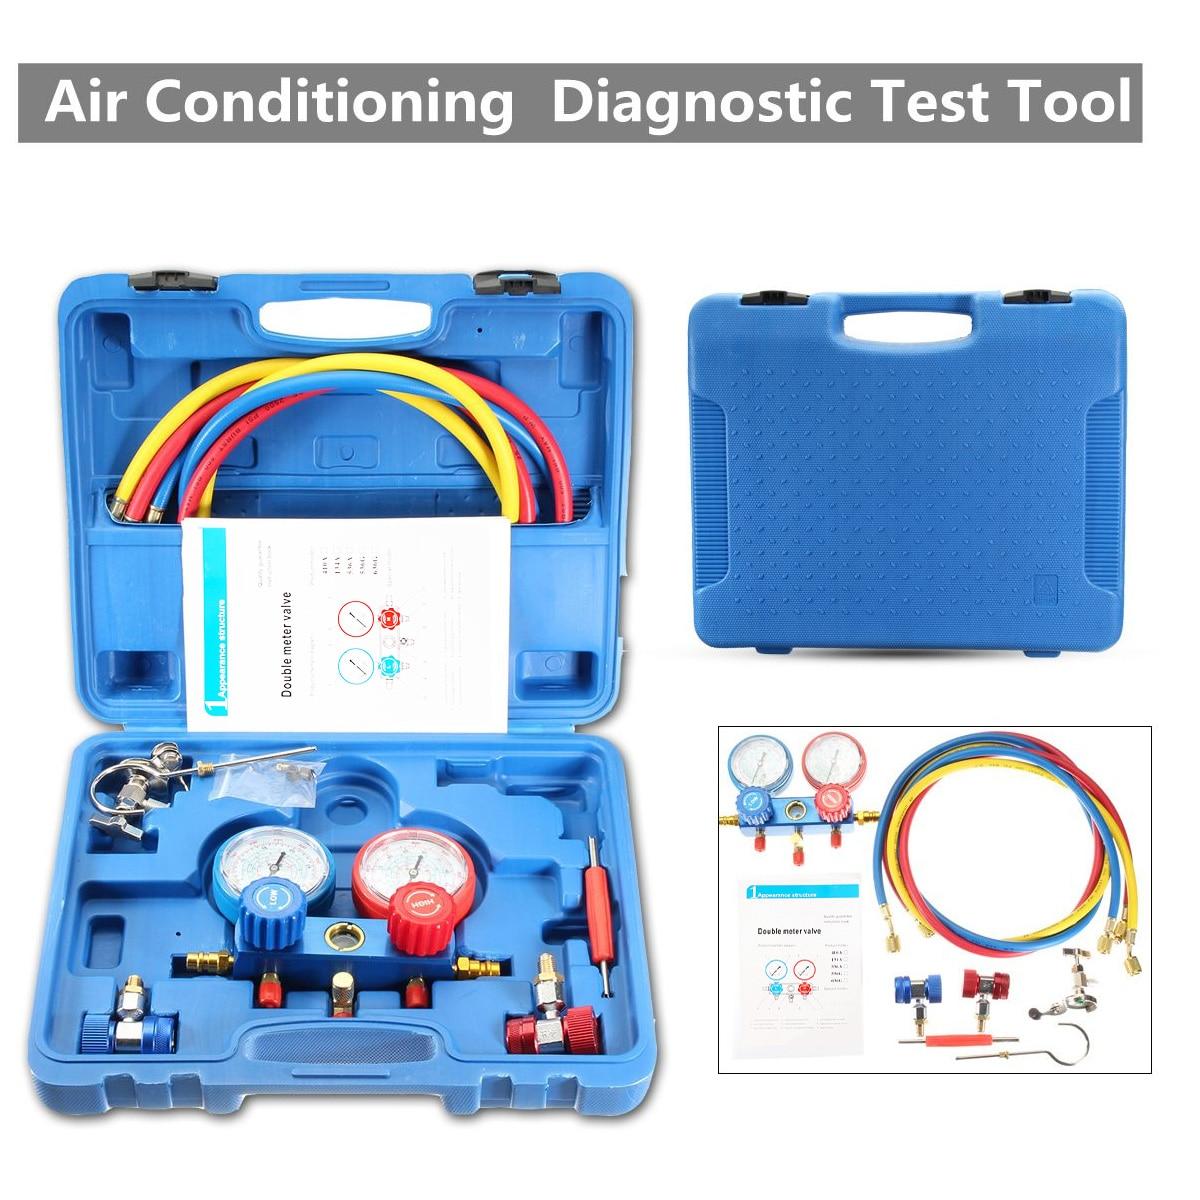 Pressione dell'aria Condizionata Manometro Kit Tubo Flessibile Per R134A R22 Refrigerante manometro auto aria condizionata refrigerante gaug